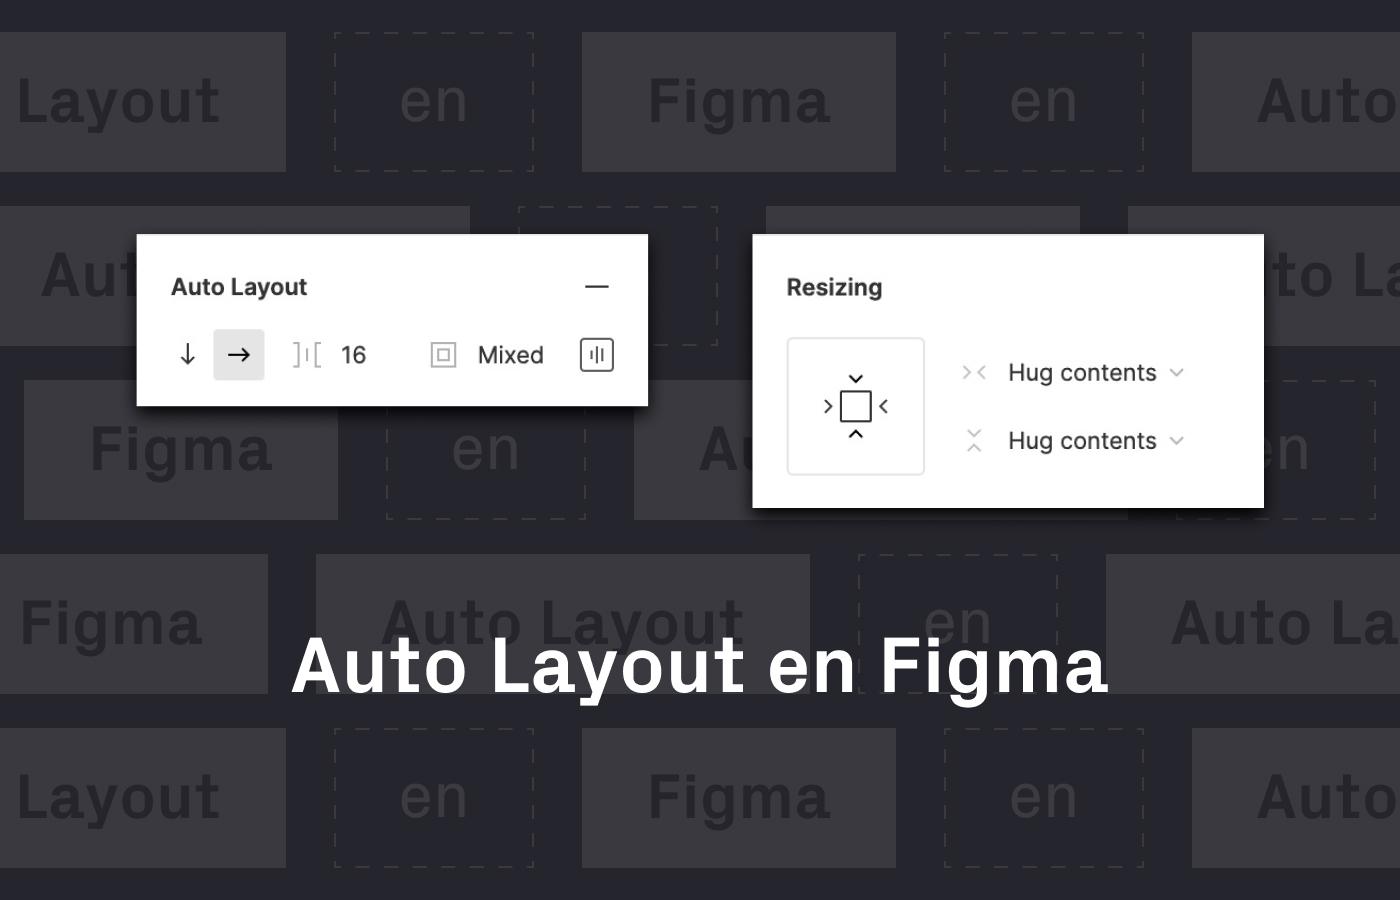 Auto Layout de Figma en uiFromMars